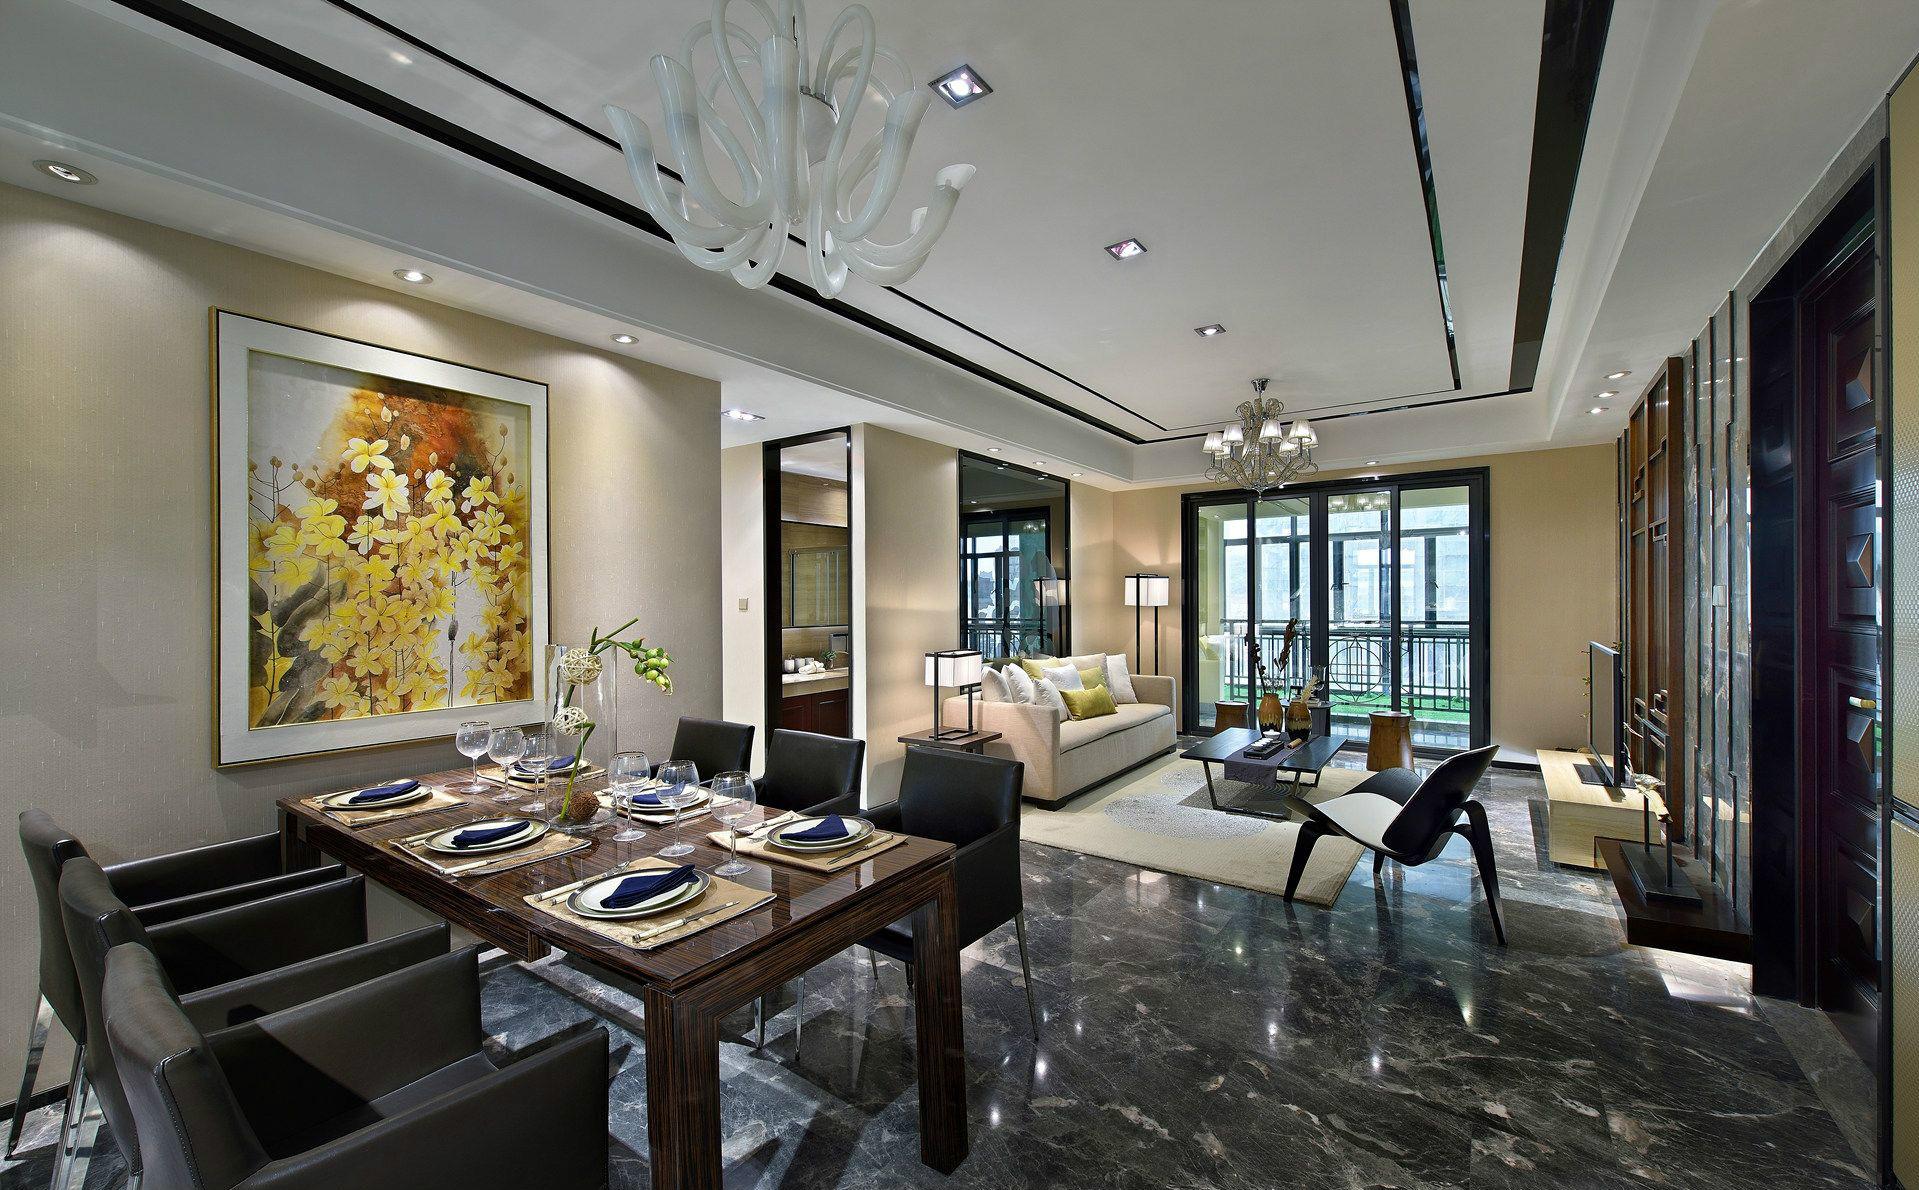 客厅和厨房一体式即扩展了空间,又让人能在一个美妙的环境中进食,对食欲有着不小的促进作用。